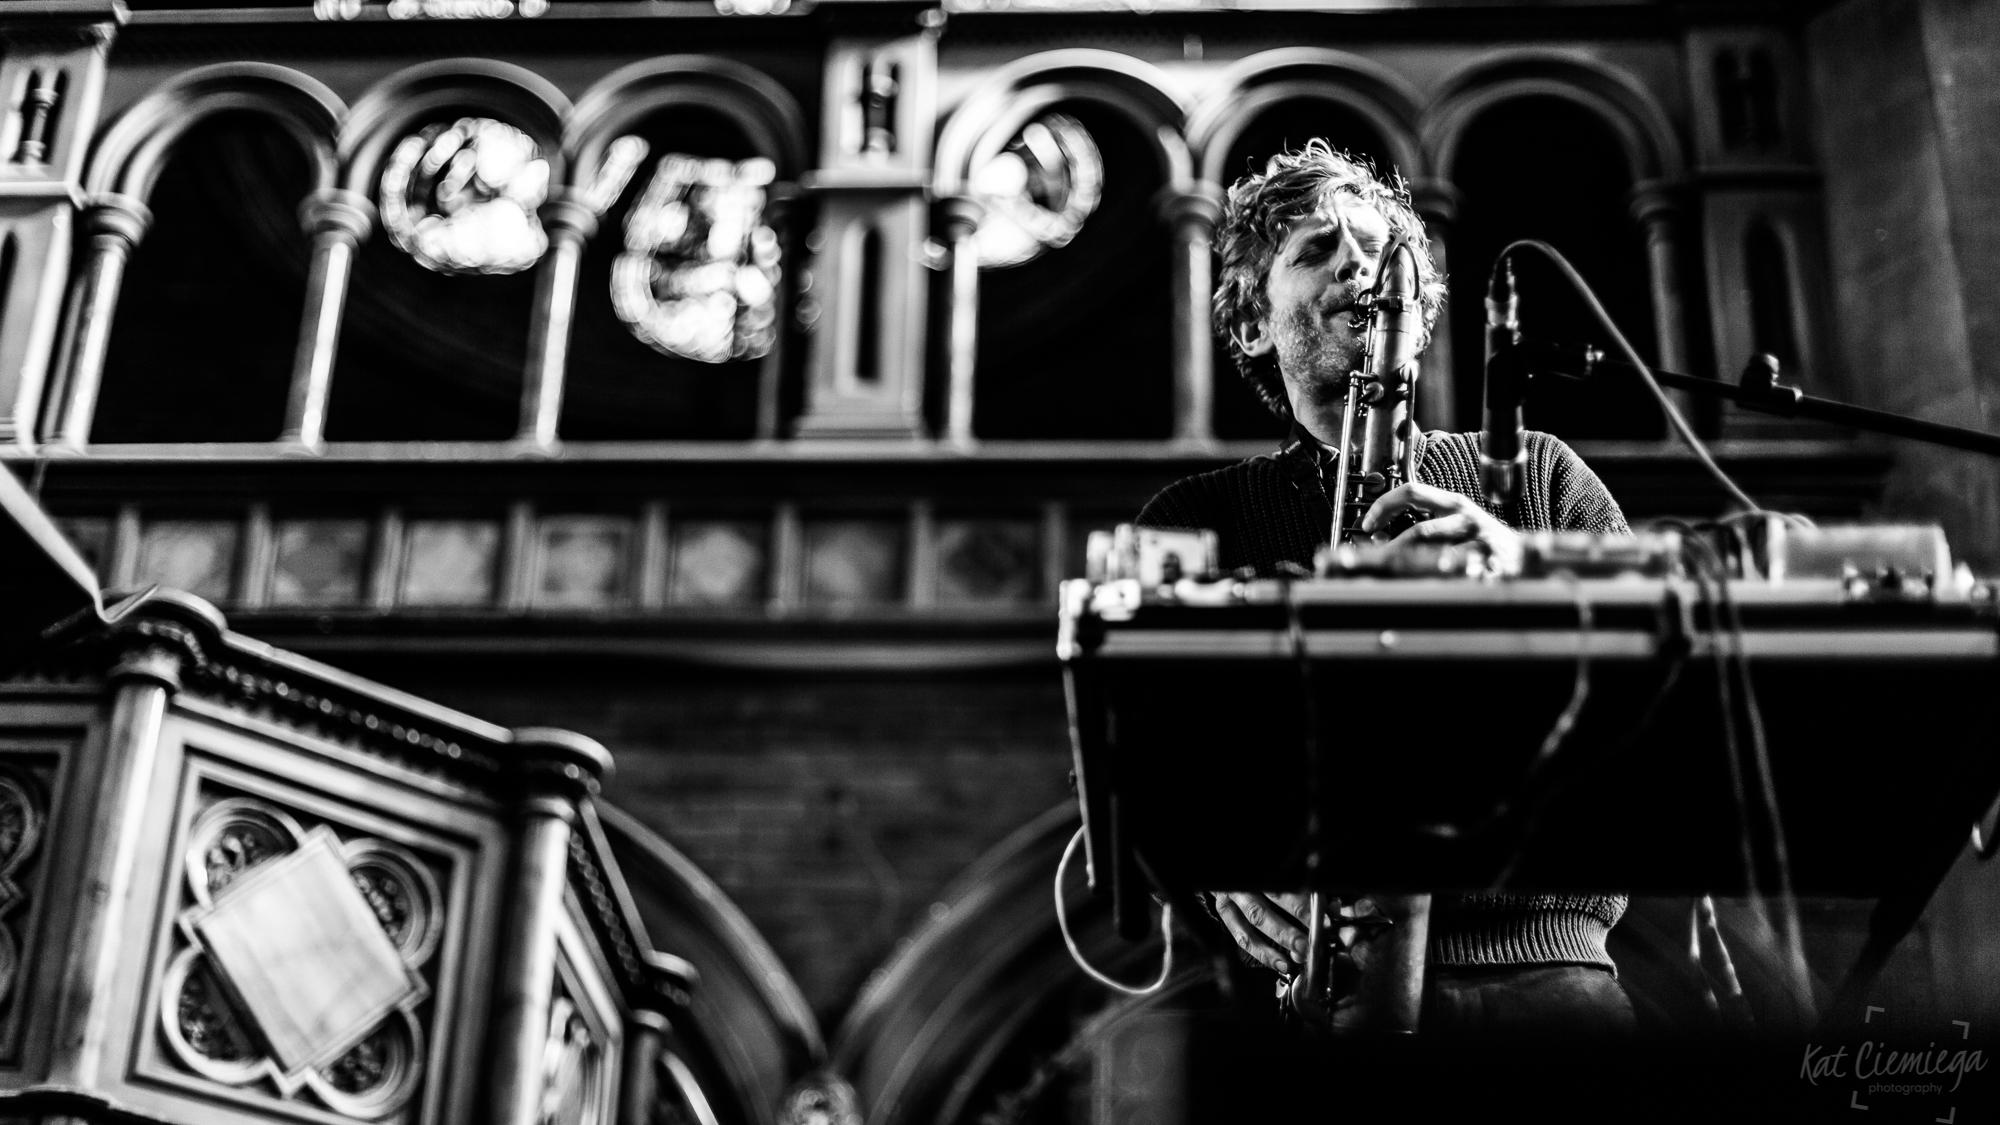 Kat Ciemiega Photography, Daylight Music, Robert Stillman, concert photographer, event photographer, live music, photographer London, music London, saxophone